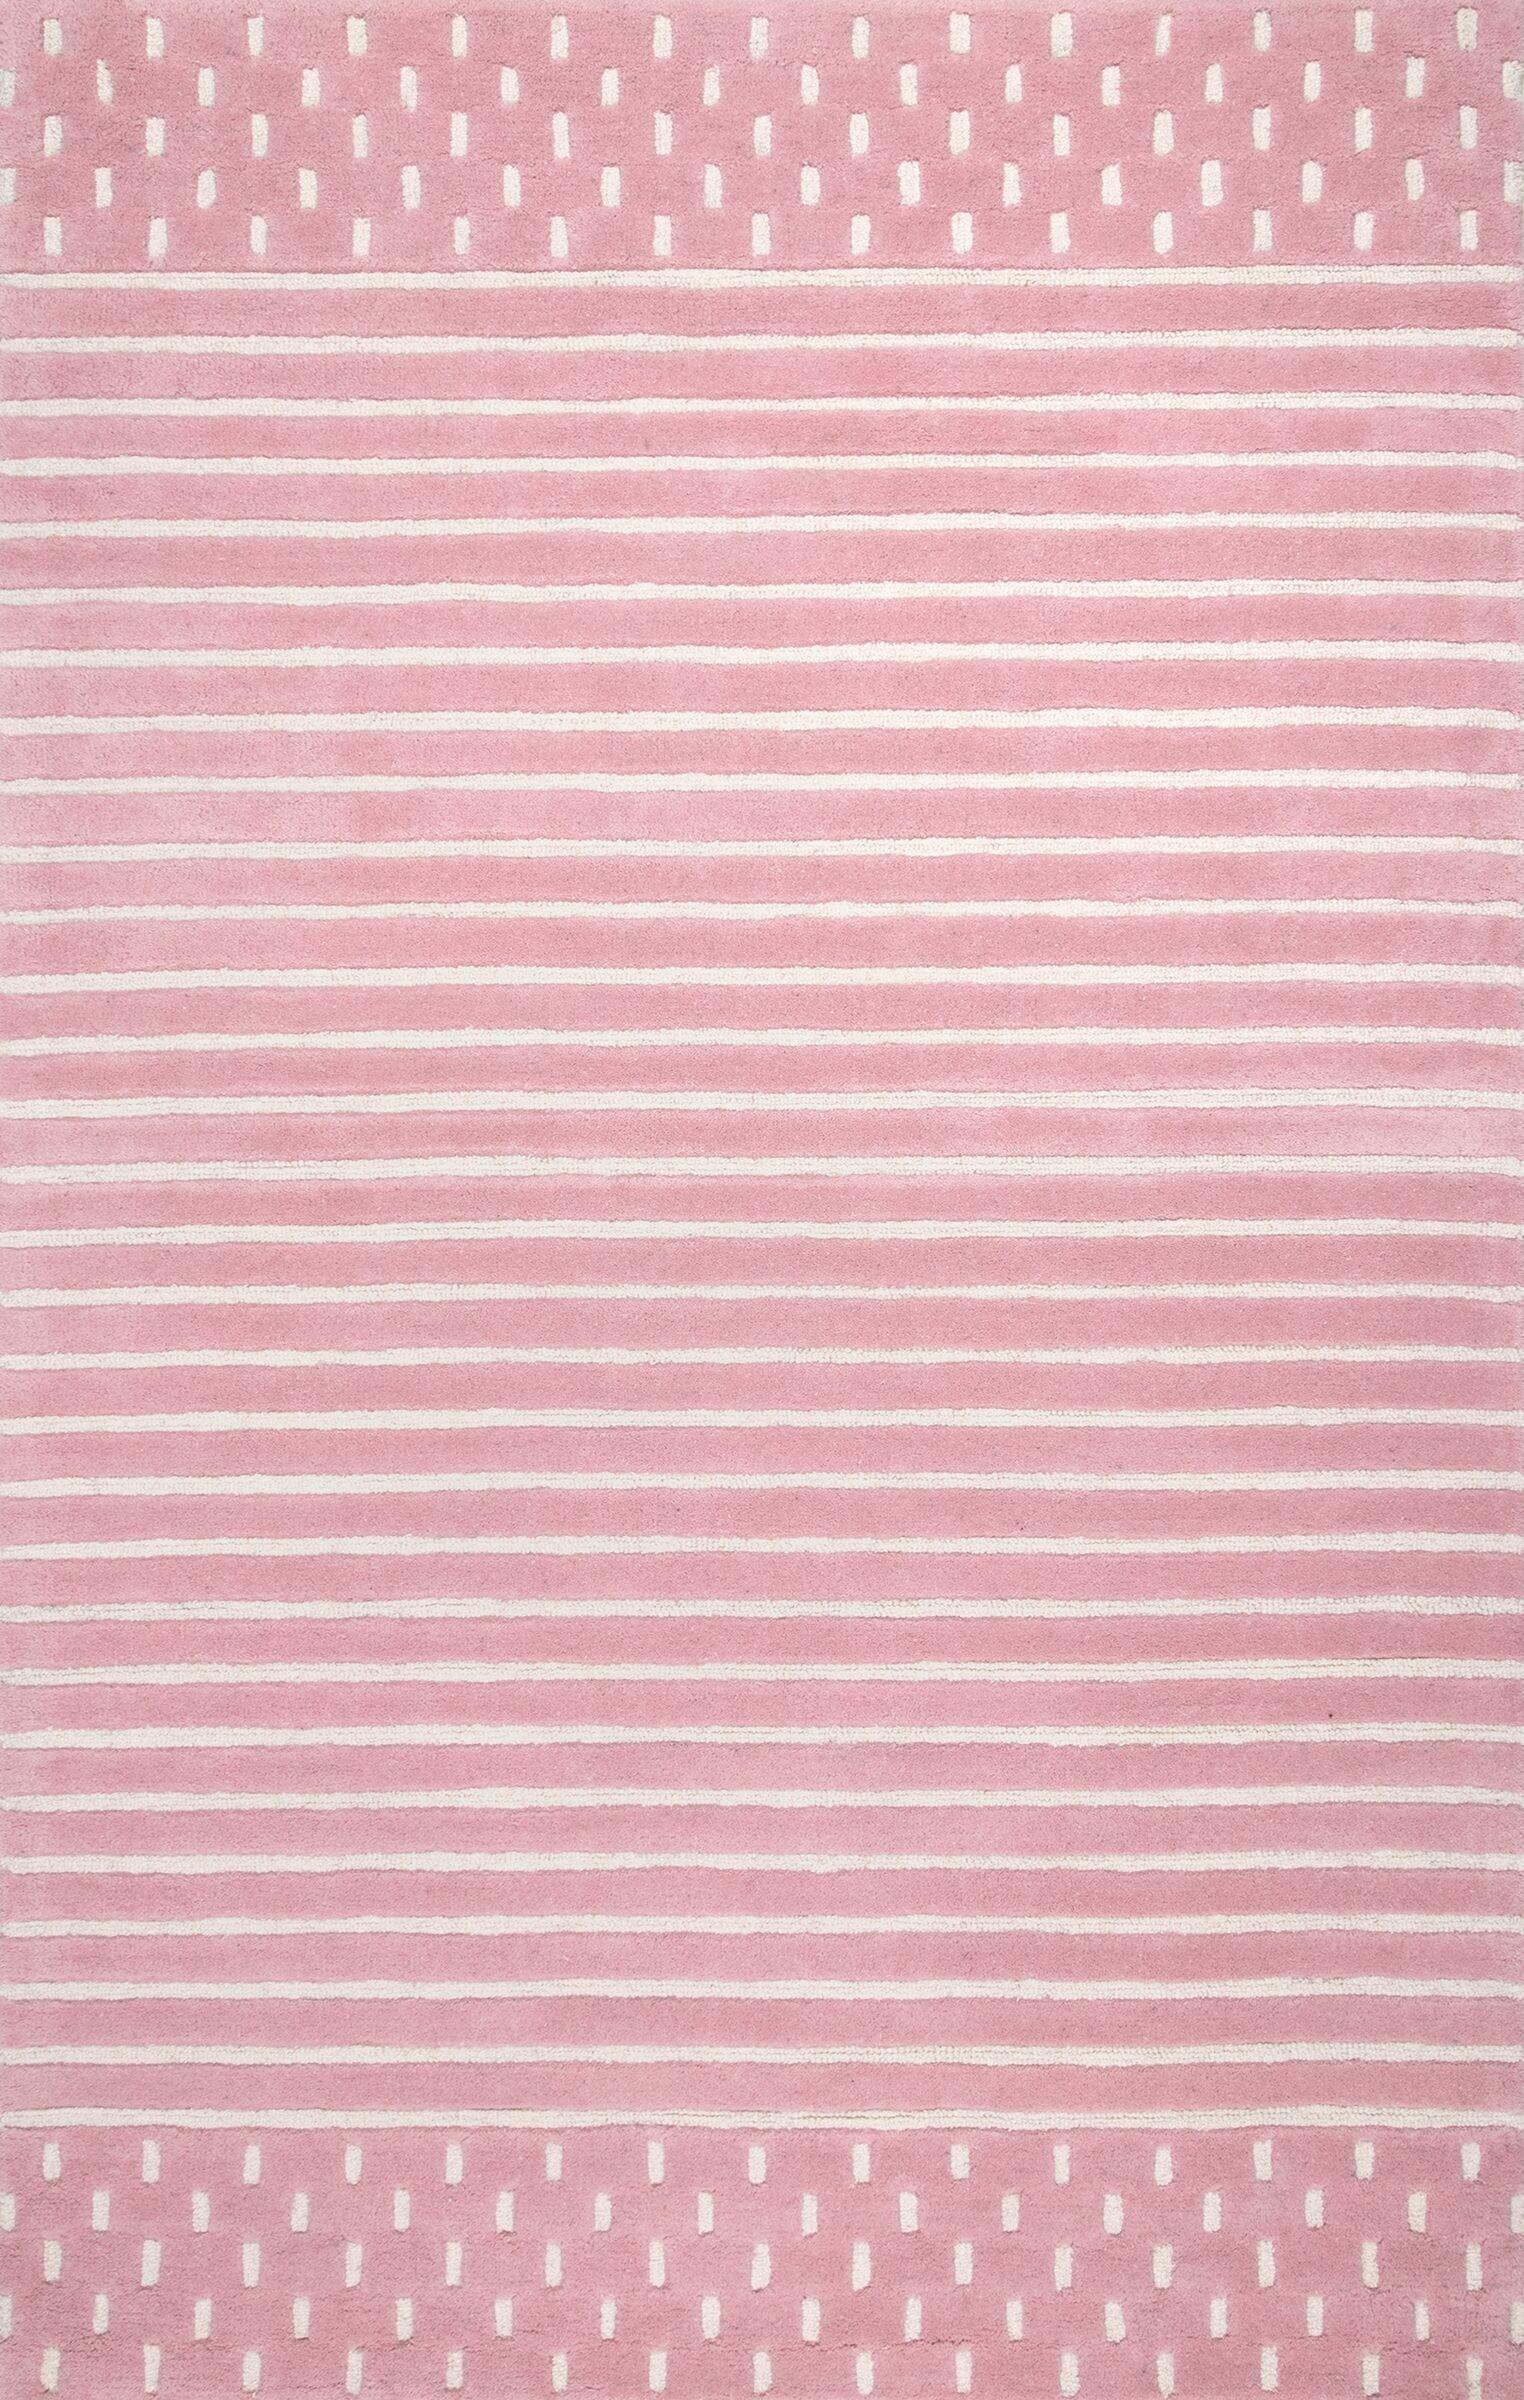 Baddeley Hand Woven Wool Pink Area Rug Rug Size: Rectangle 7' 6